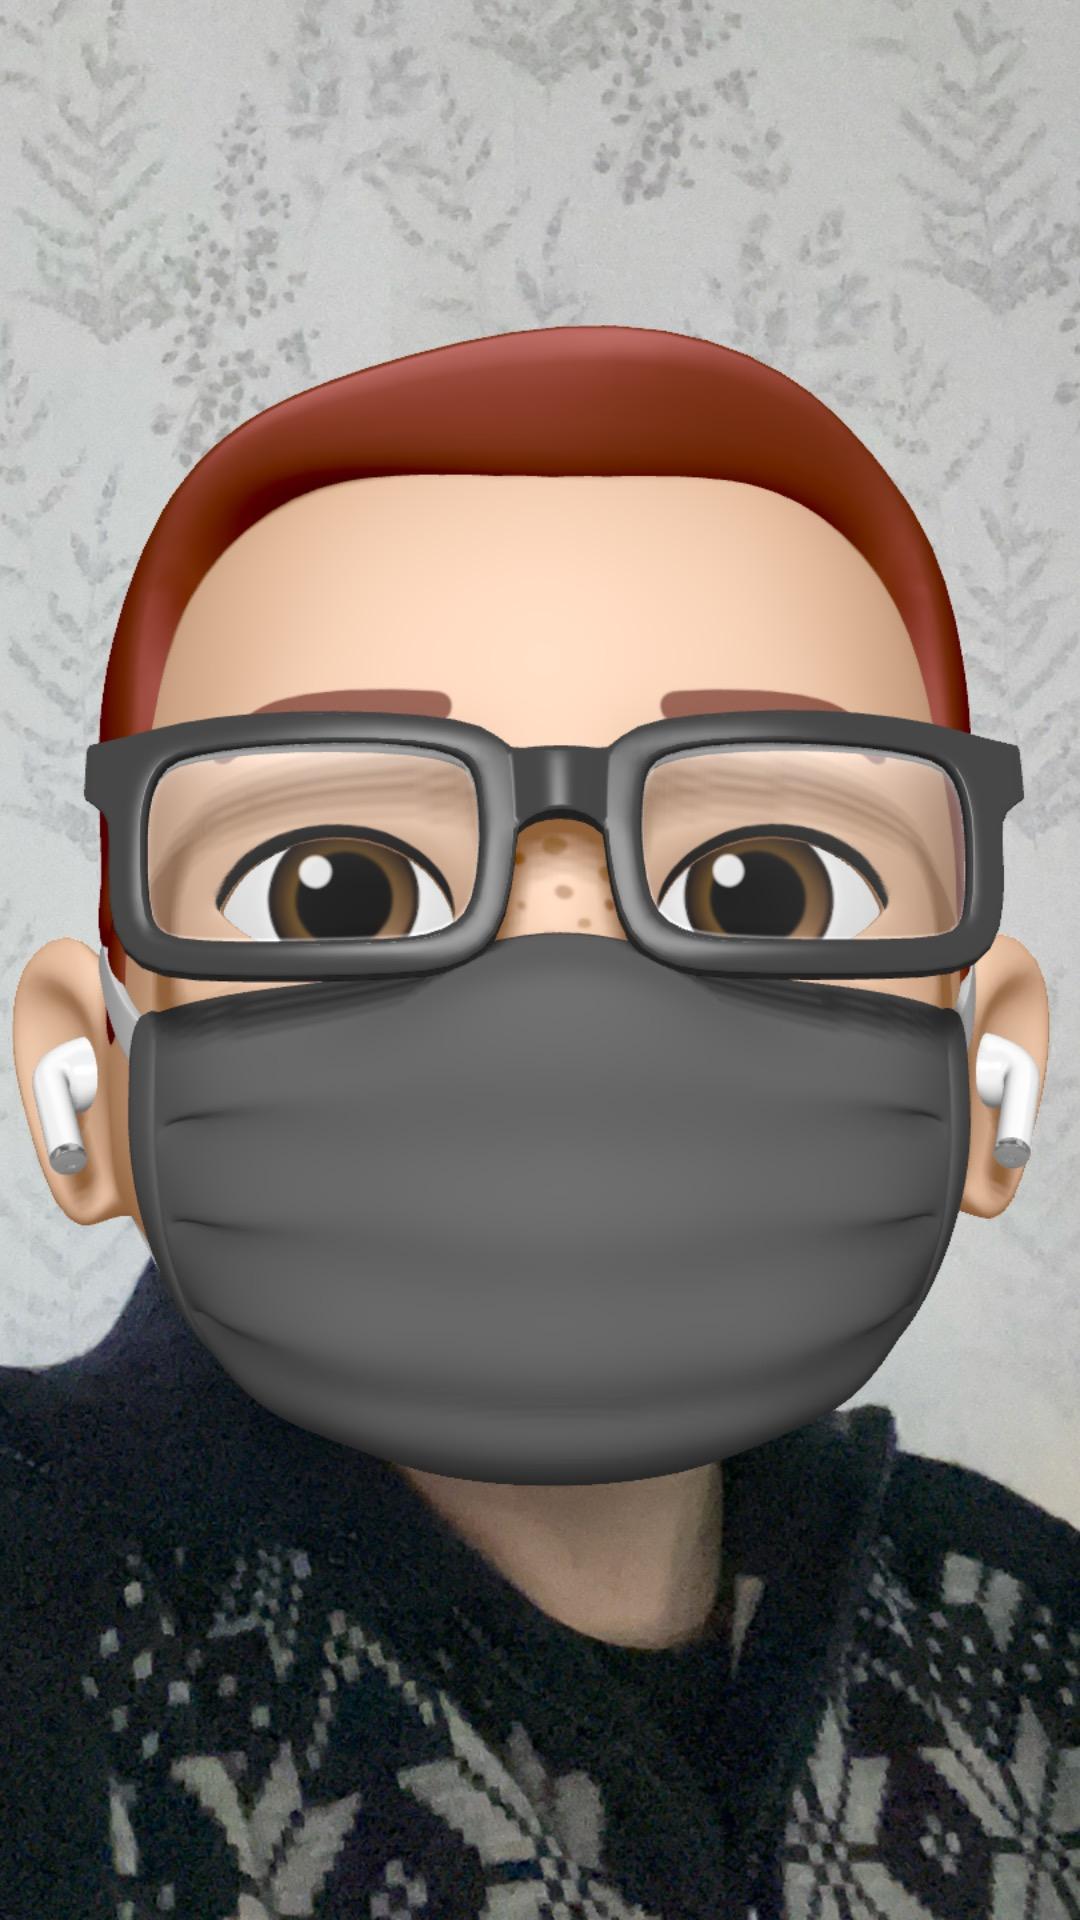 iOS 14.5 – Face Unlock